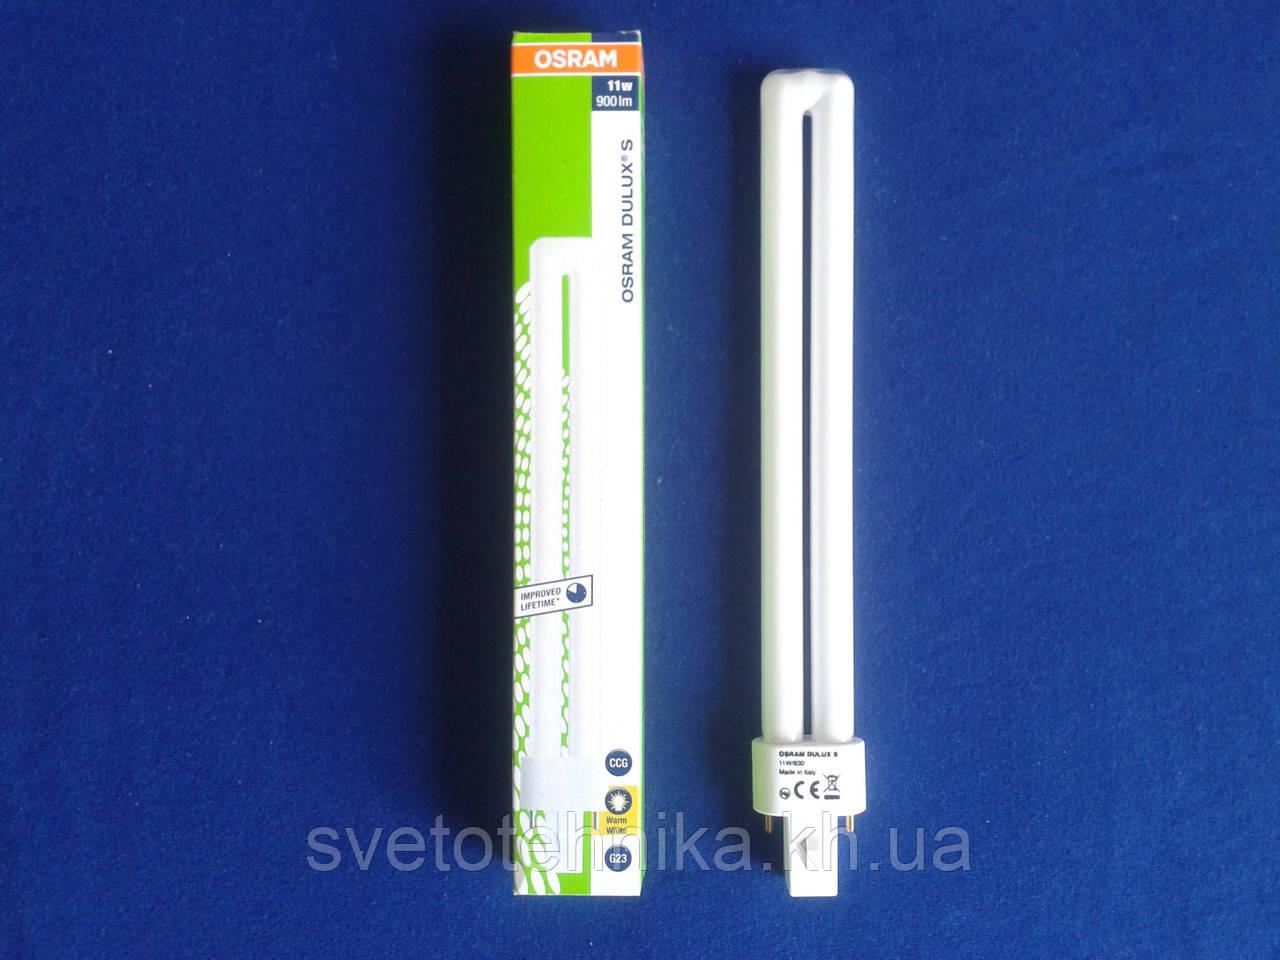 Лампа енергозберігаюча Osram PL11/830 Dulux G23 11Вт 900lm